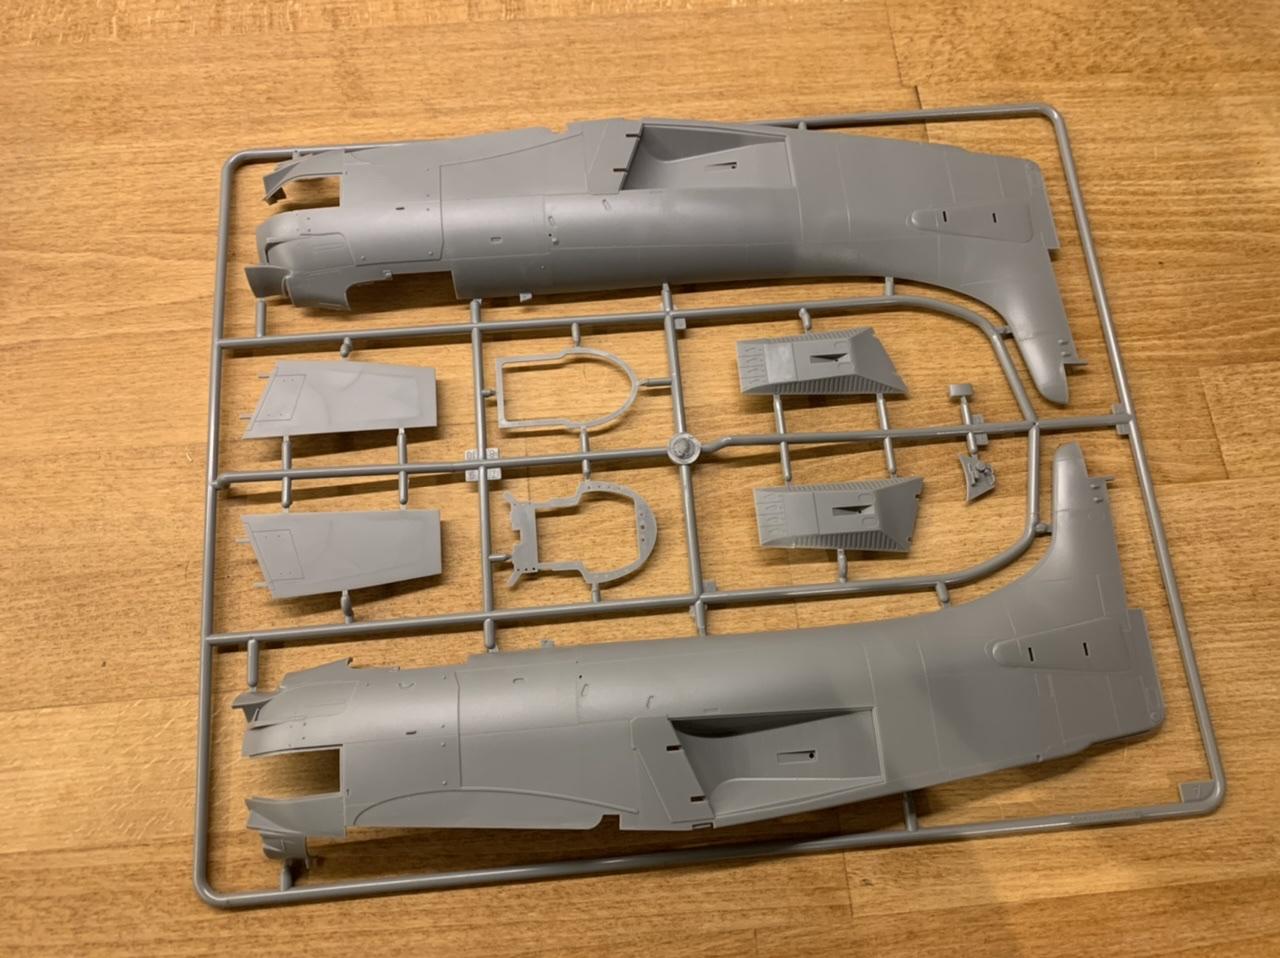 60D1F728-BEE9-41BB-AEB1-81F9BA35077B.jpeg